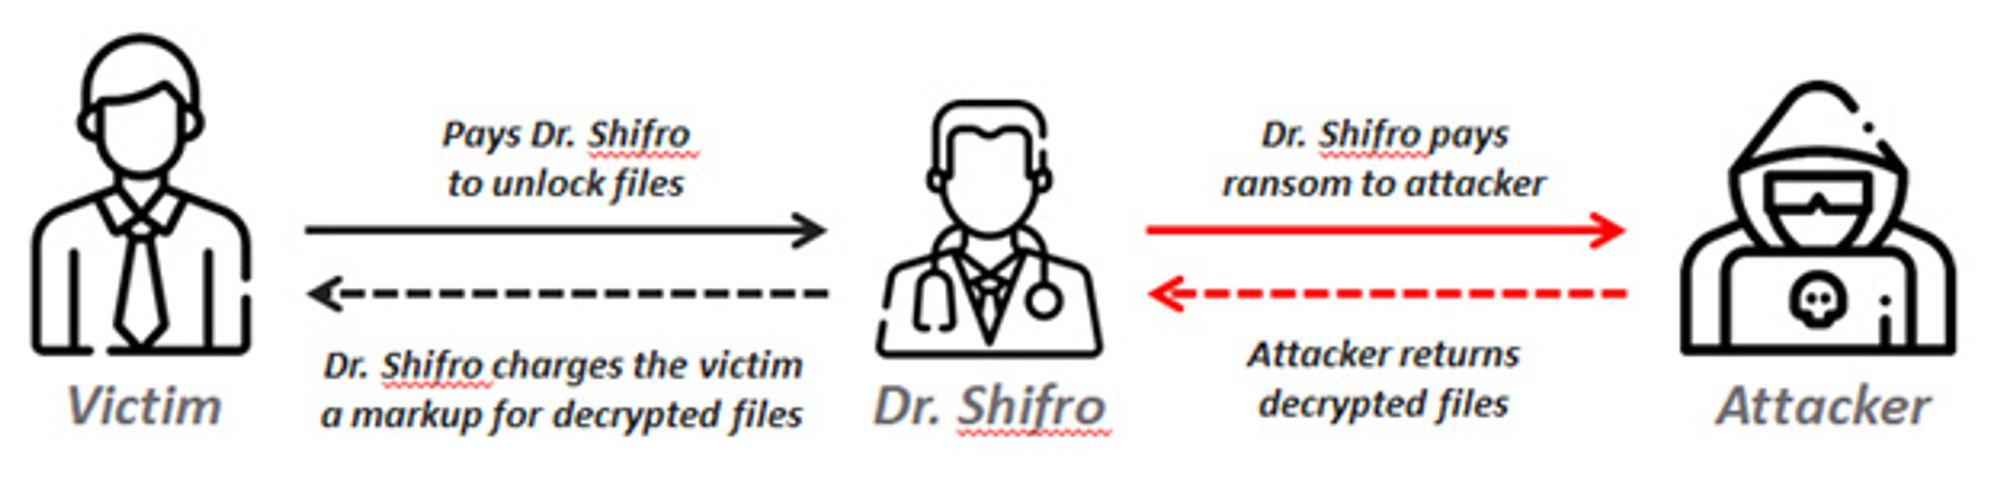 Ofrene slipper kanskje unna med et lavere beløp, men finansierer fortsatt til organisert kriminalitet ved å benytte tjenester som Dr.Shifro.